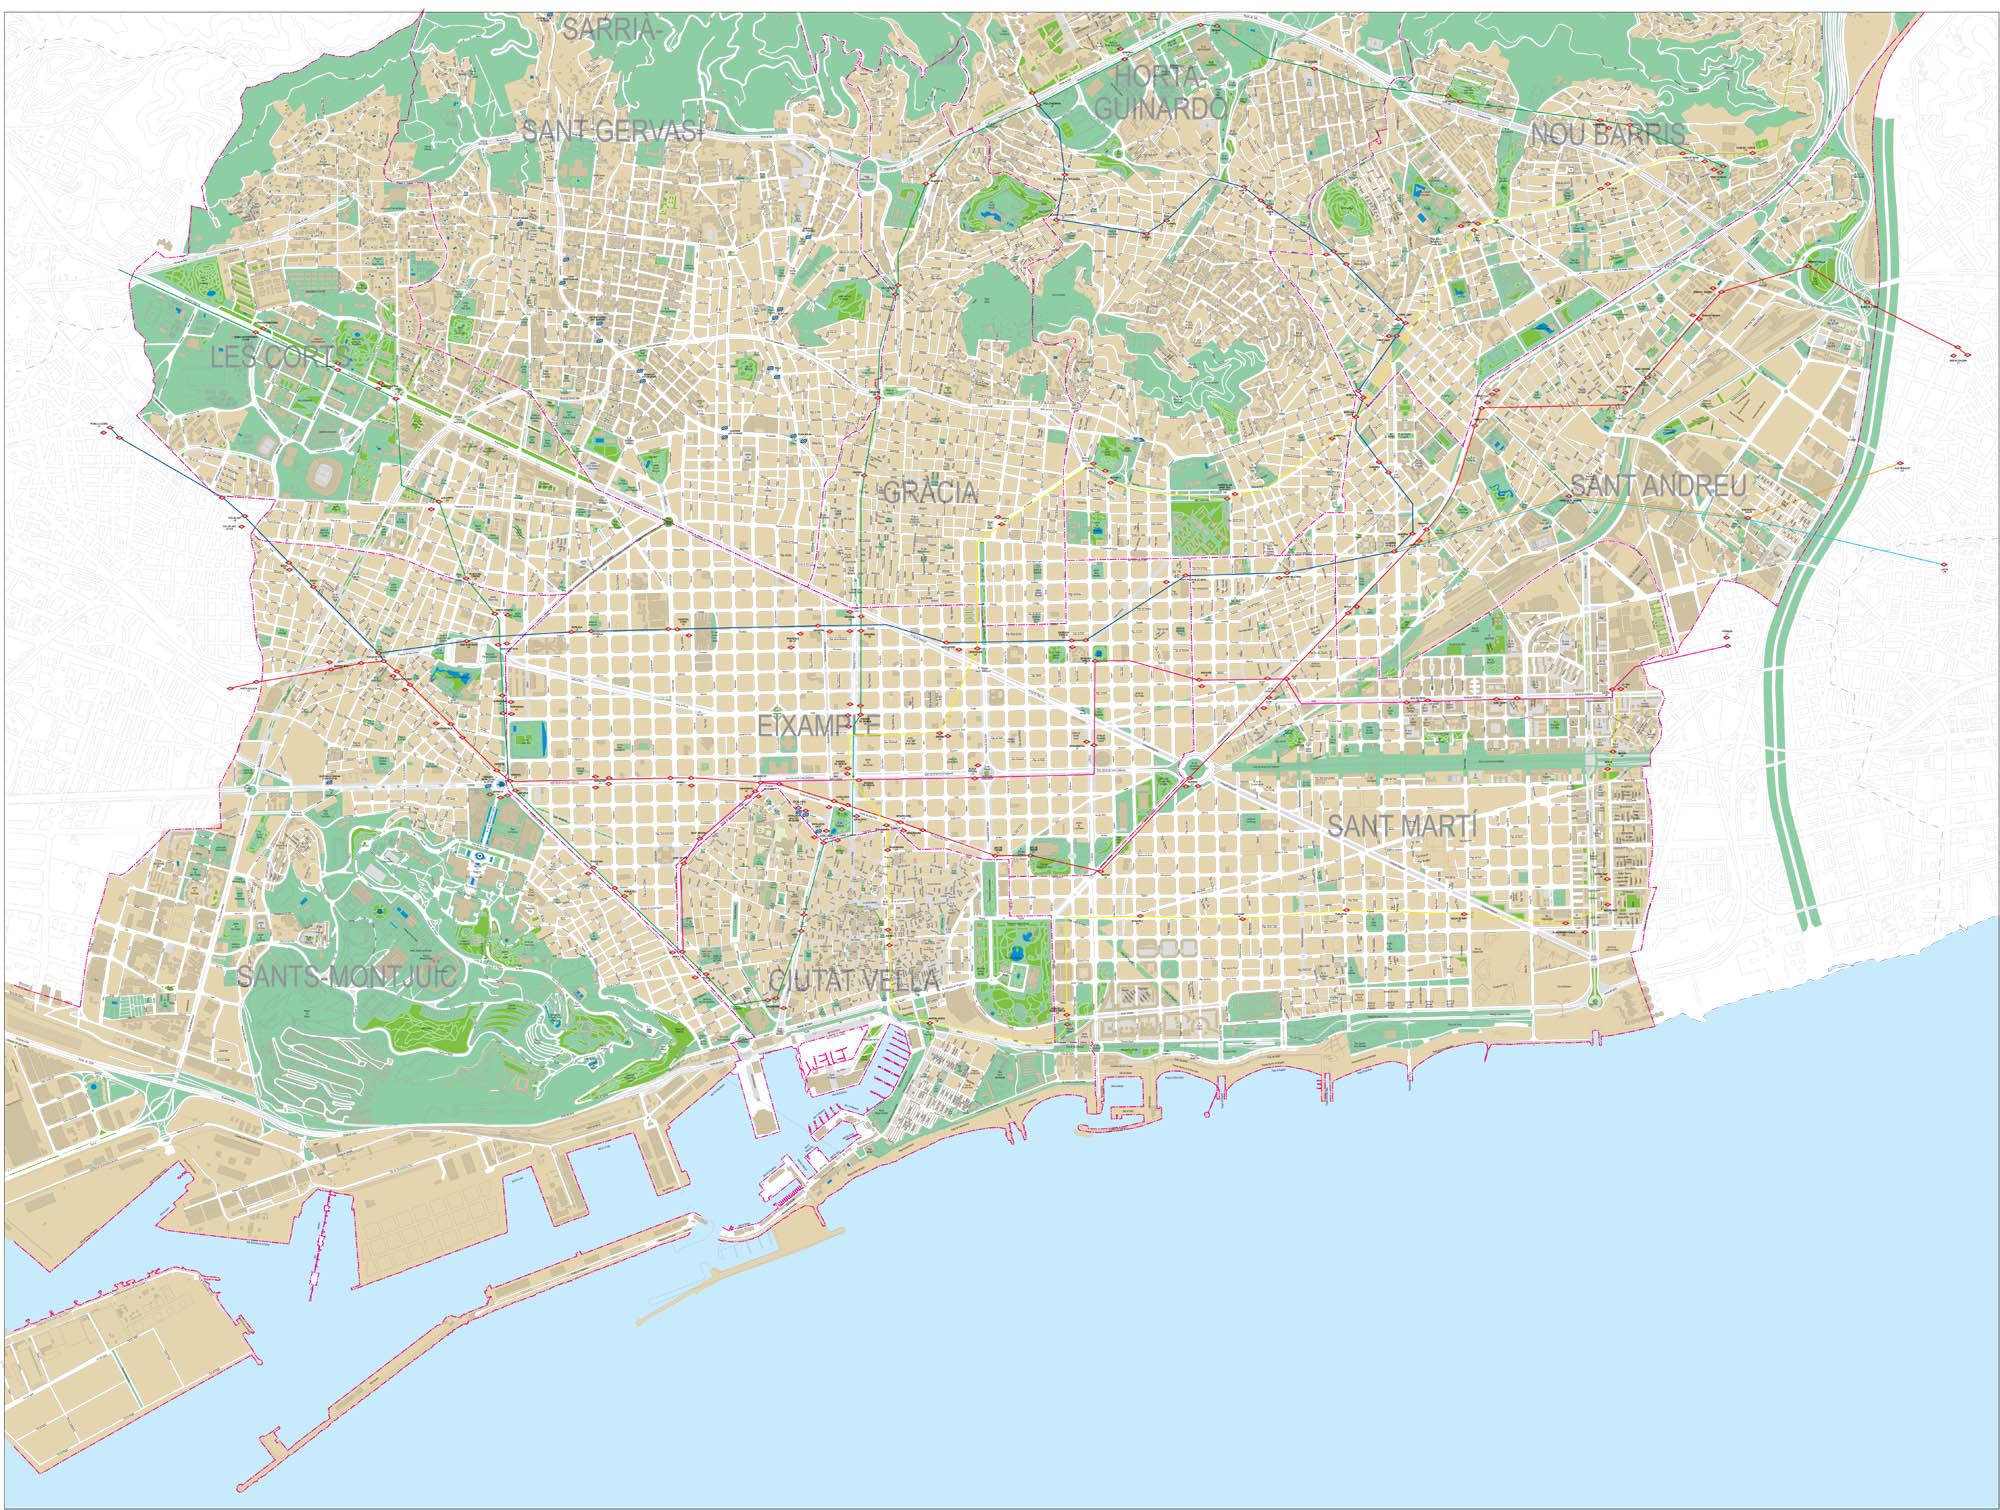 Barcelona - Plano detallado de la ciudad